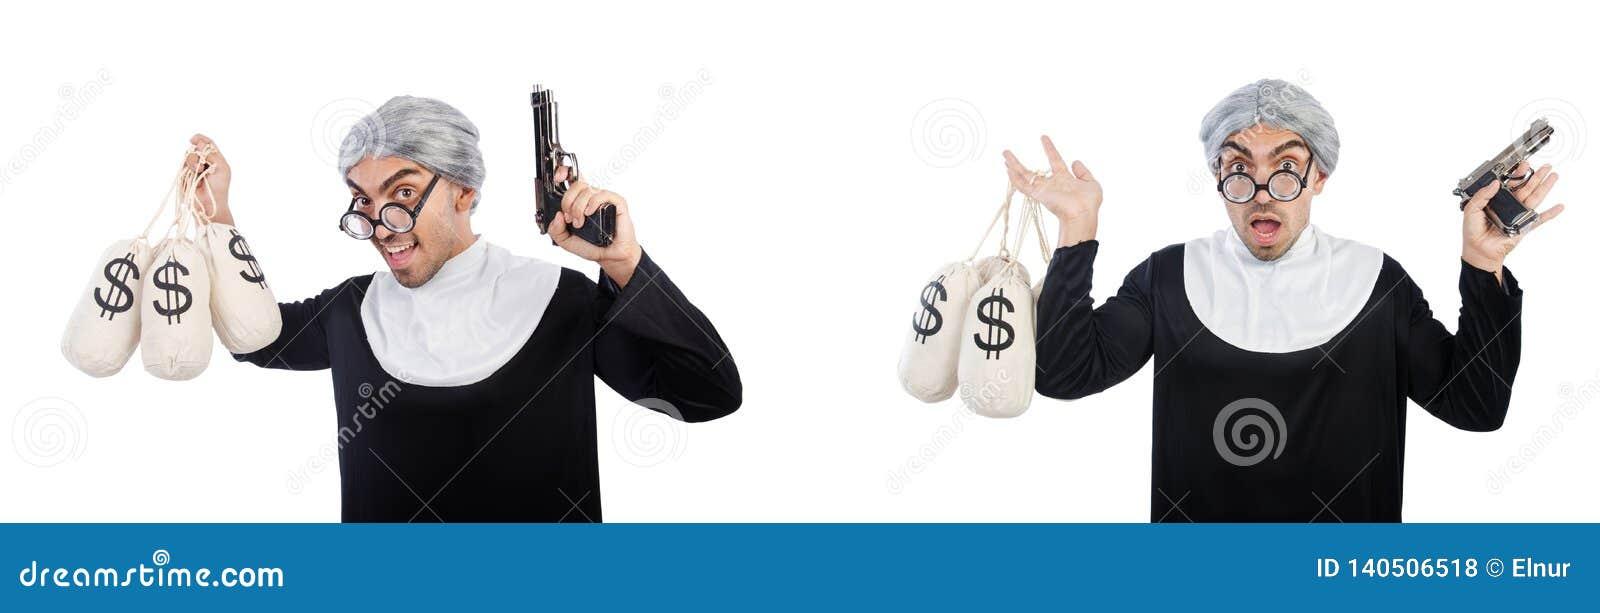 De man in nonkleding met pistool en moneybags